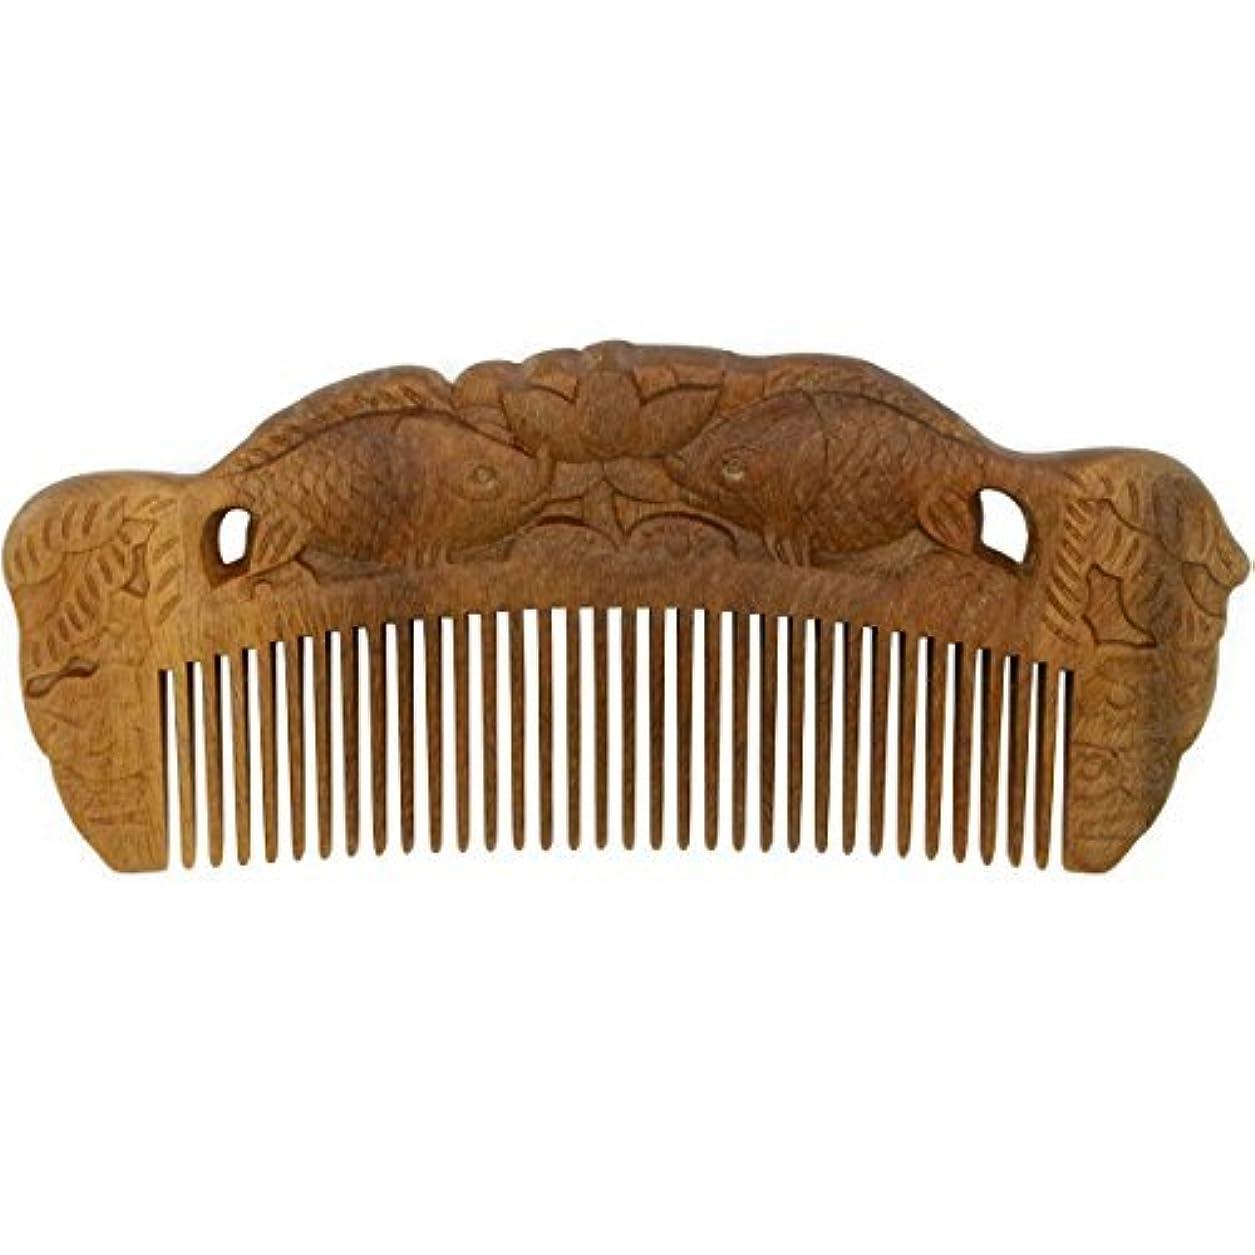 粉砕するコロニー例YOY Handmade Carved Natural Sandalwood Hair Comb - Anti-static No Snag Brush for Men's Mustache Beard Care Anti...